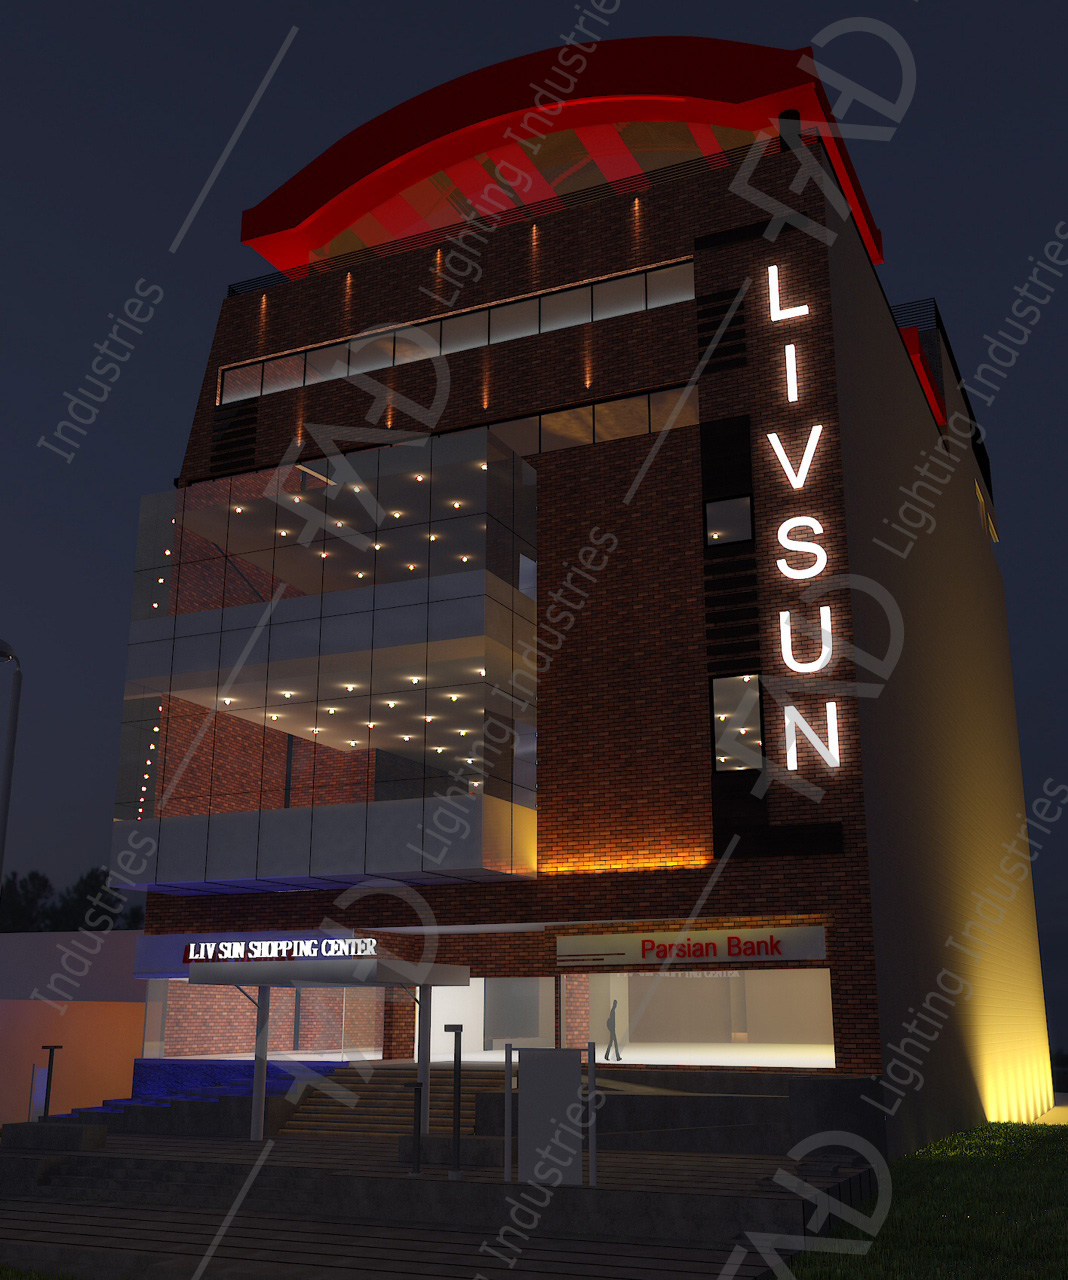 شرکت نورپردازی فاد - مجتمع تجاری اداری لیوسان